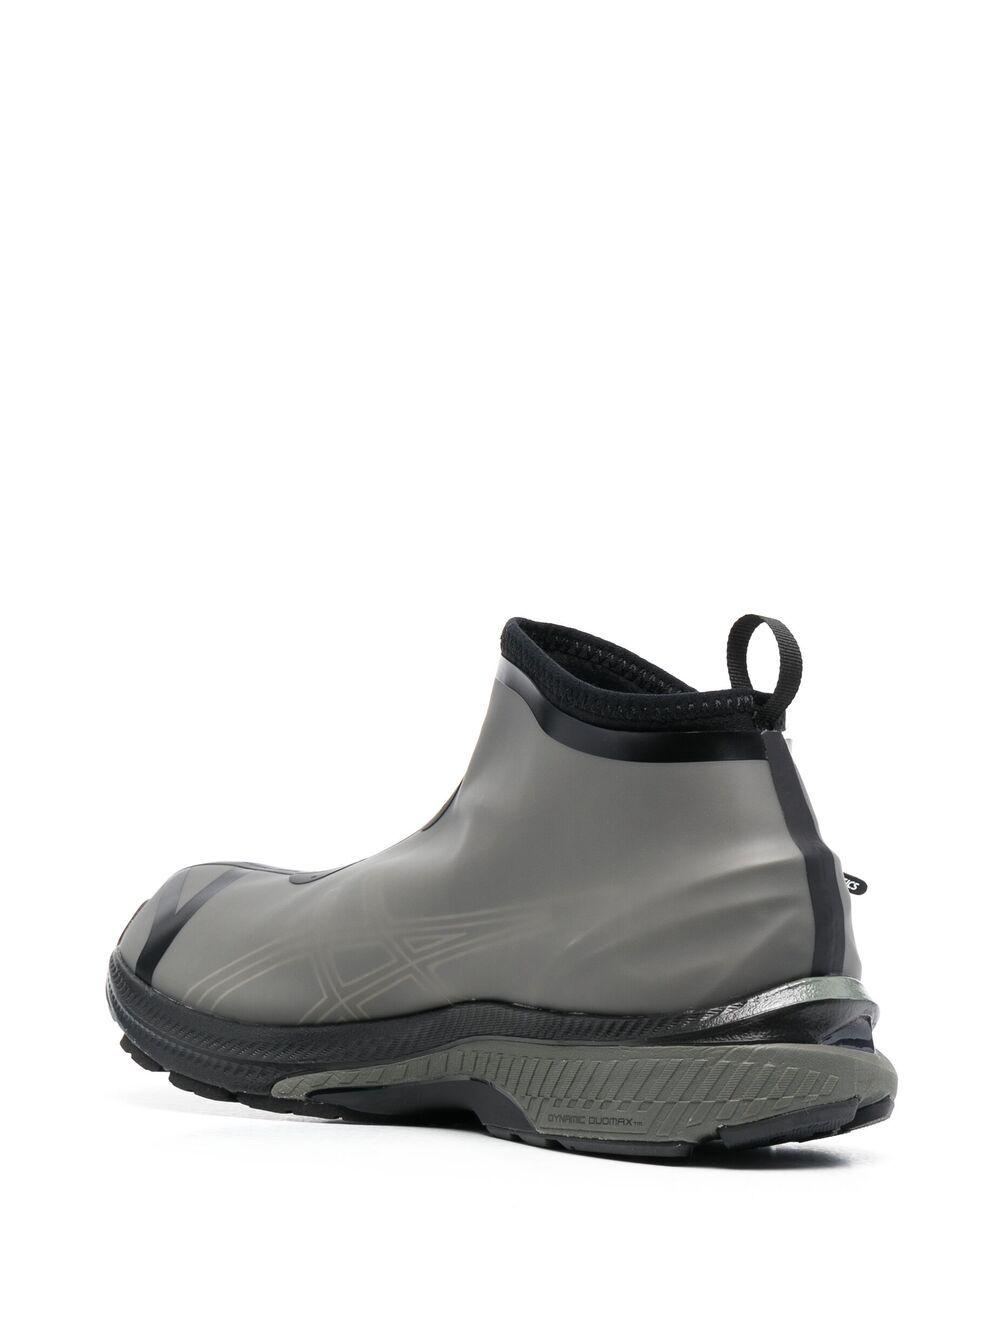 GEL GAYANO 27 SNEAKERS ASICS X VIVIENNE WESTWOOD | Sneakers | 1201A115001